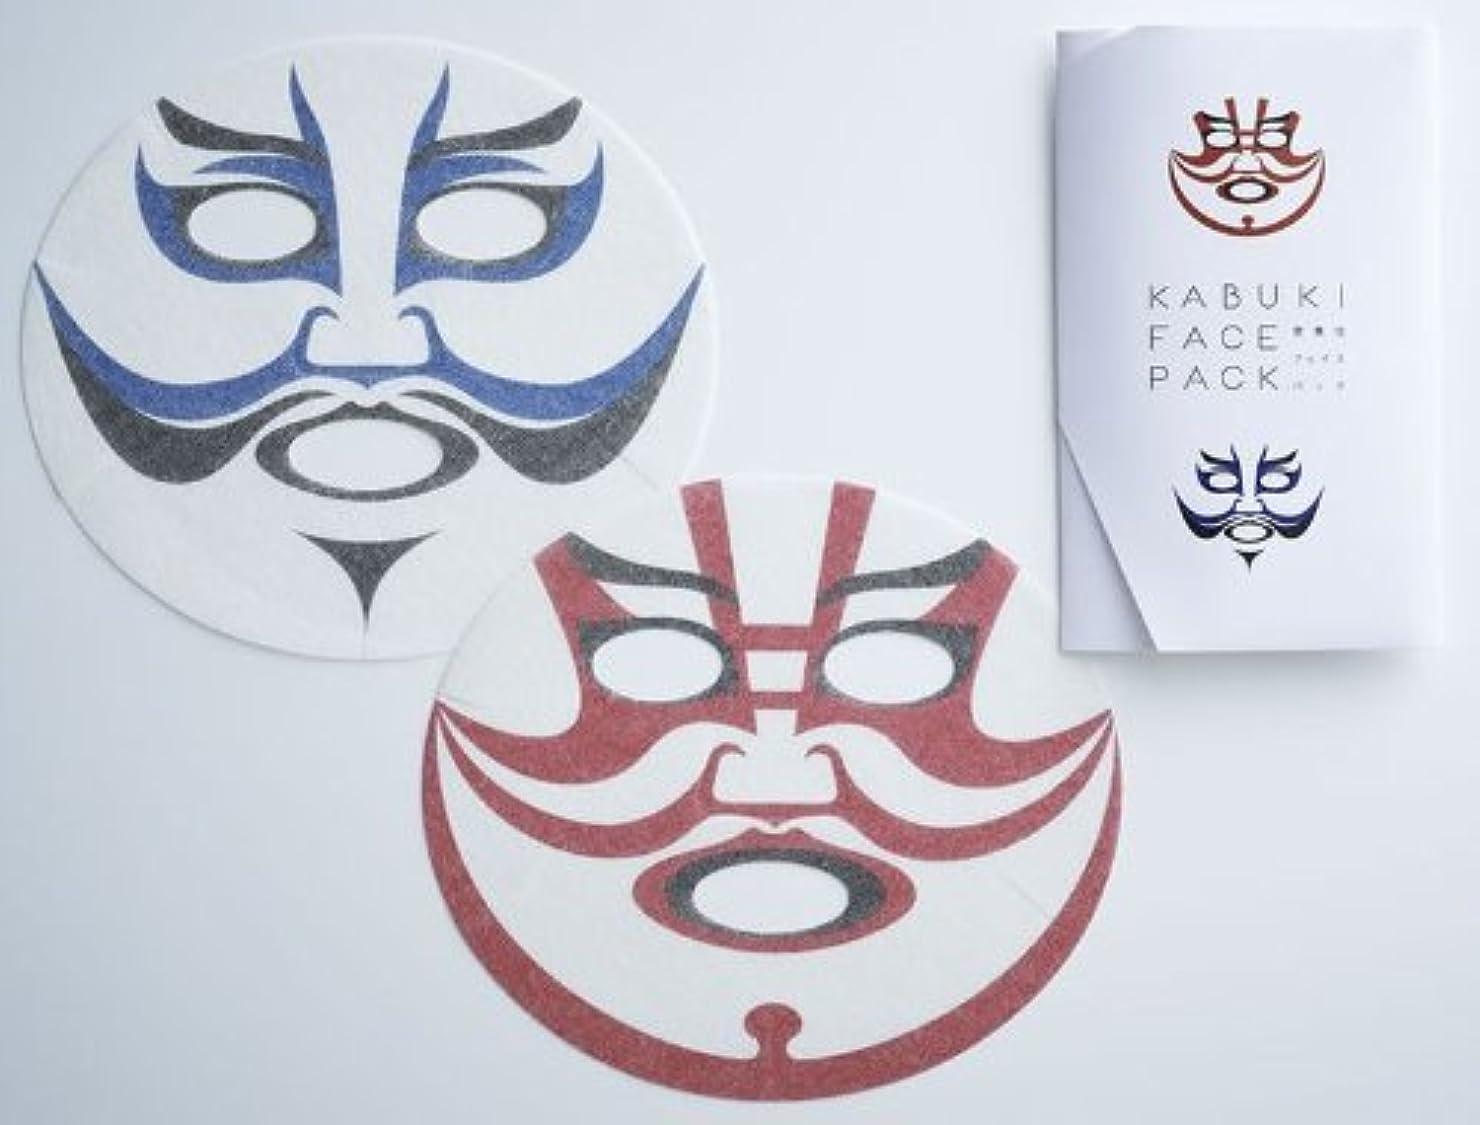 持つ家果てしない歌舞伎フェイスパック KABUKI FACE PACK